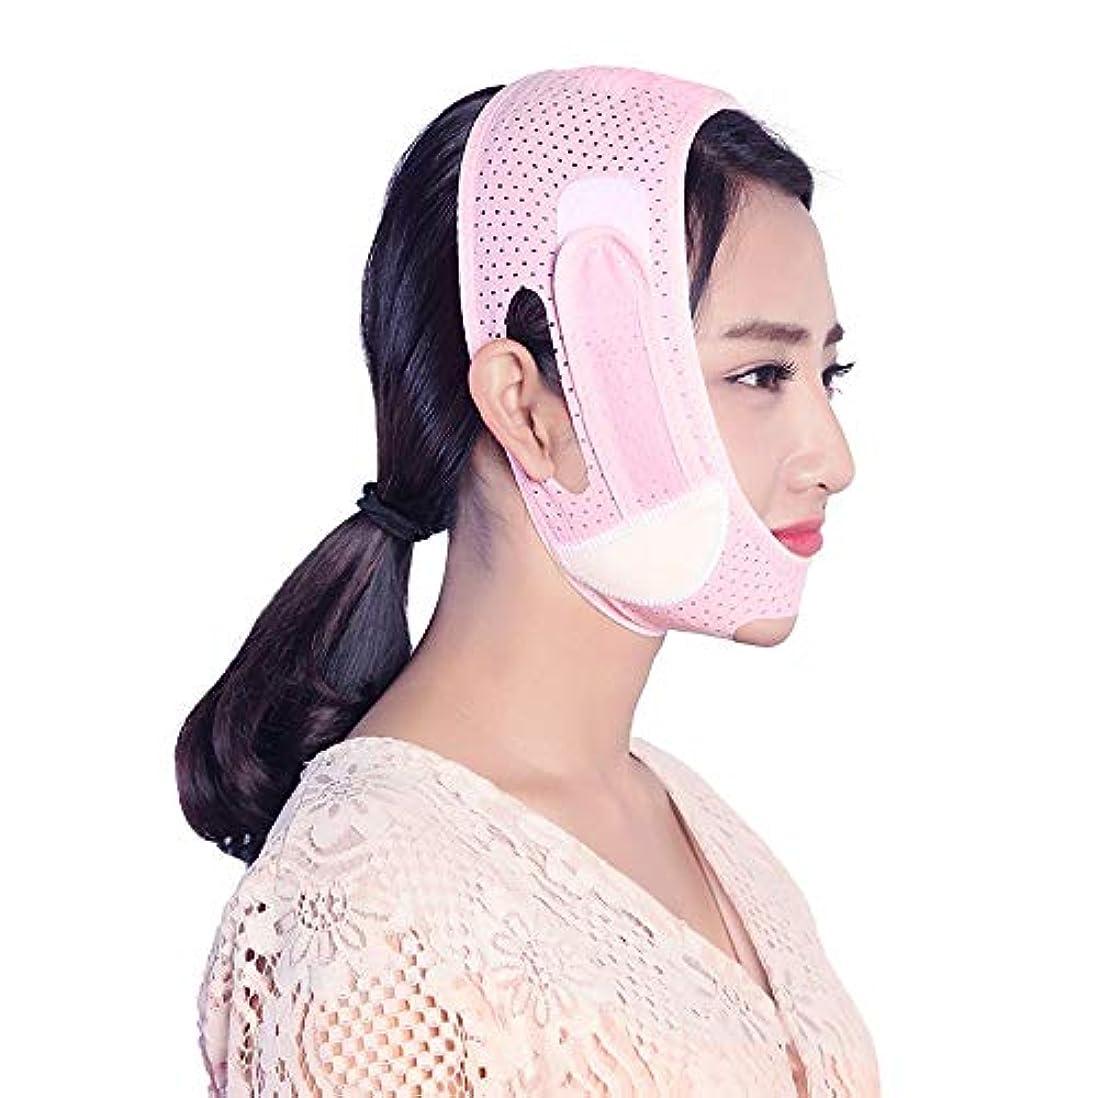 伝導率ジョブ脚本GYZ 睡眠薄い顔パッチ包帯吊り上げプルv顔引き締めどころアーティファクト判決パターン二重あご薄いマッセルマスク - ピンク Thin Face Belt